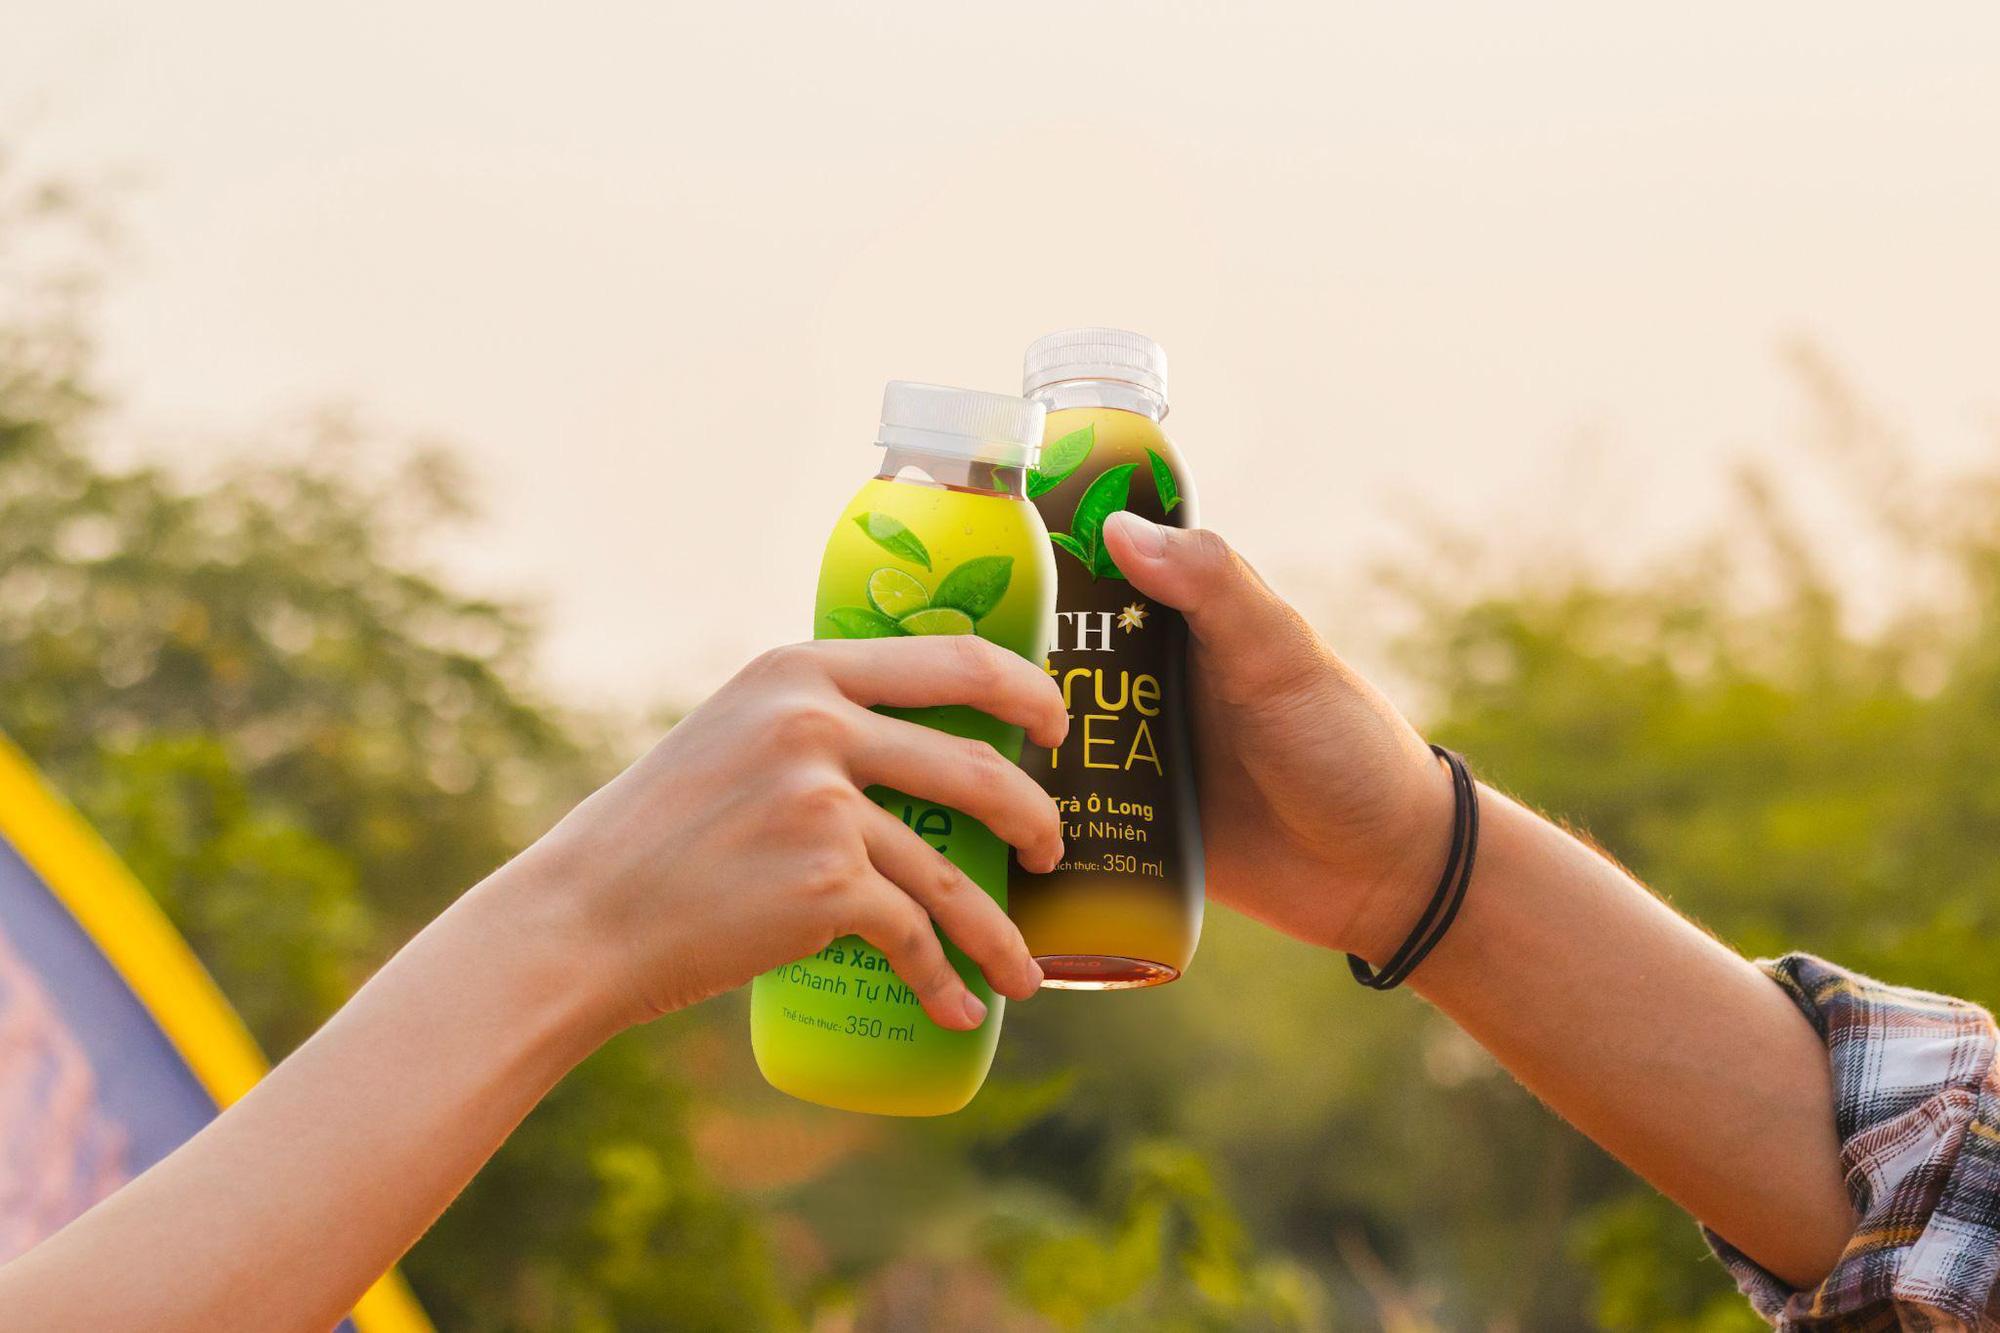 Uống trà mỗi ngày, cơ thể bạn sẽ thay đổi tích cực ra sao? - Ảnh 3.